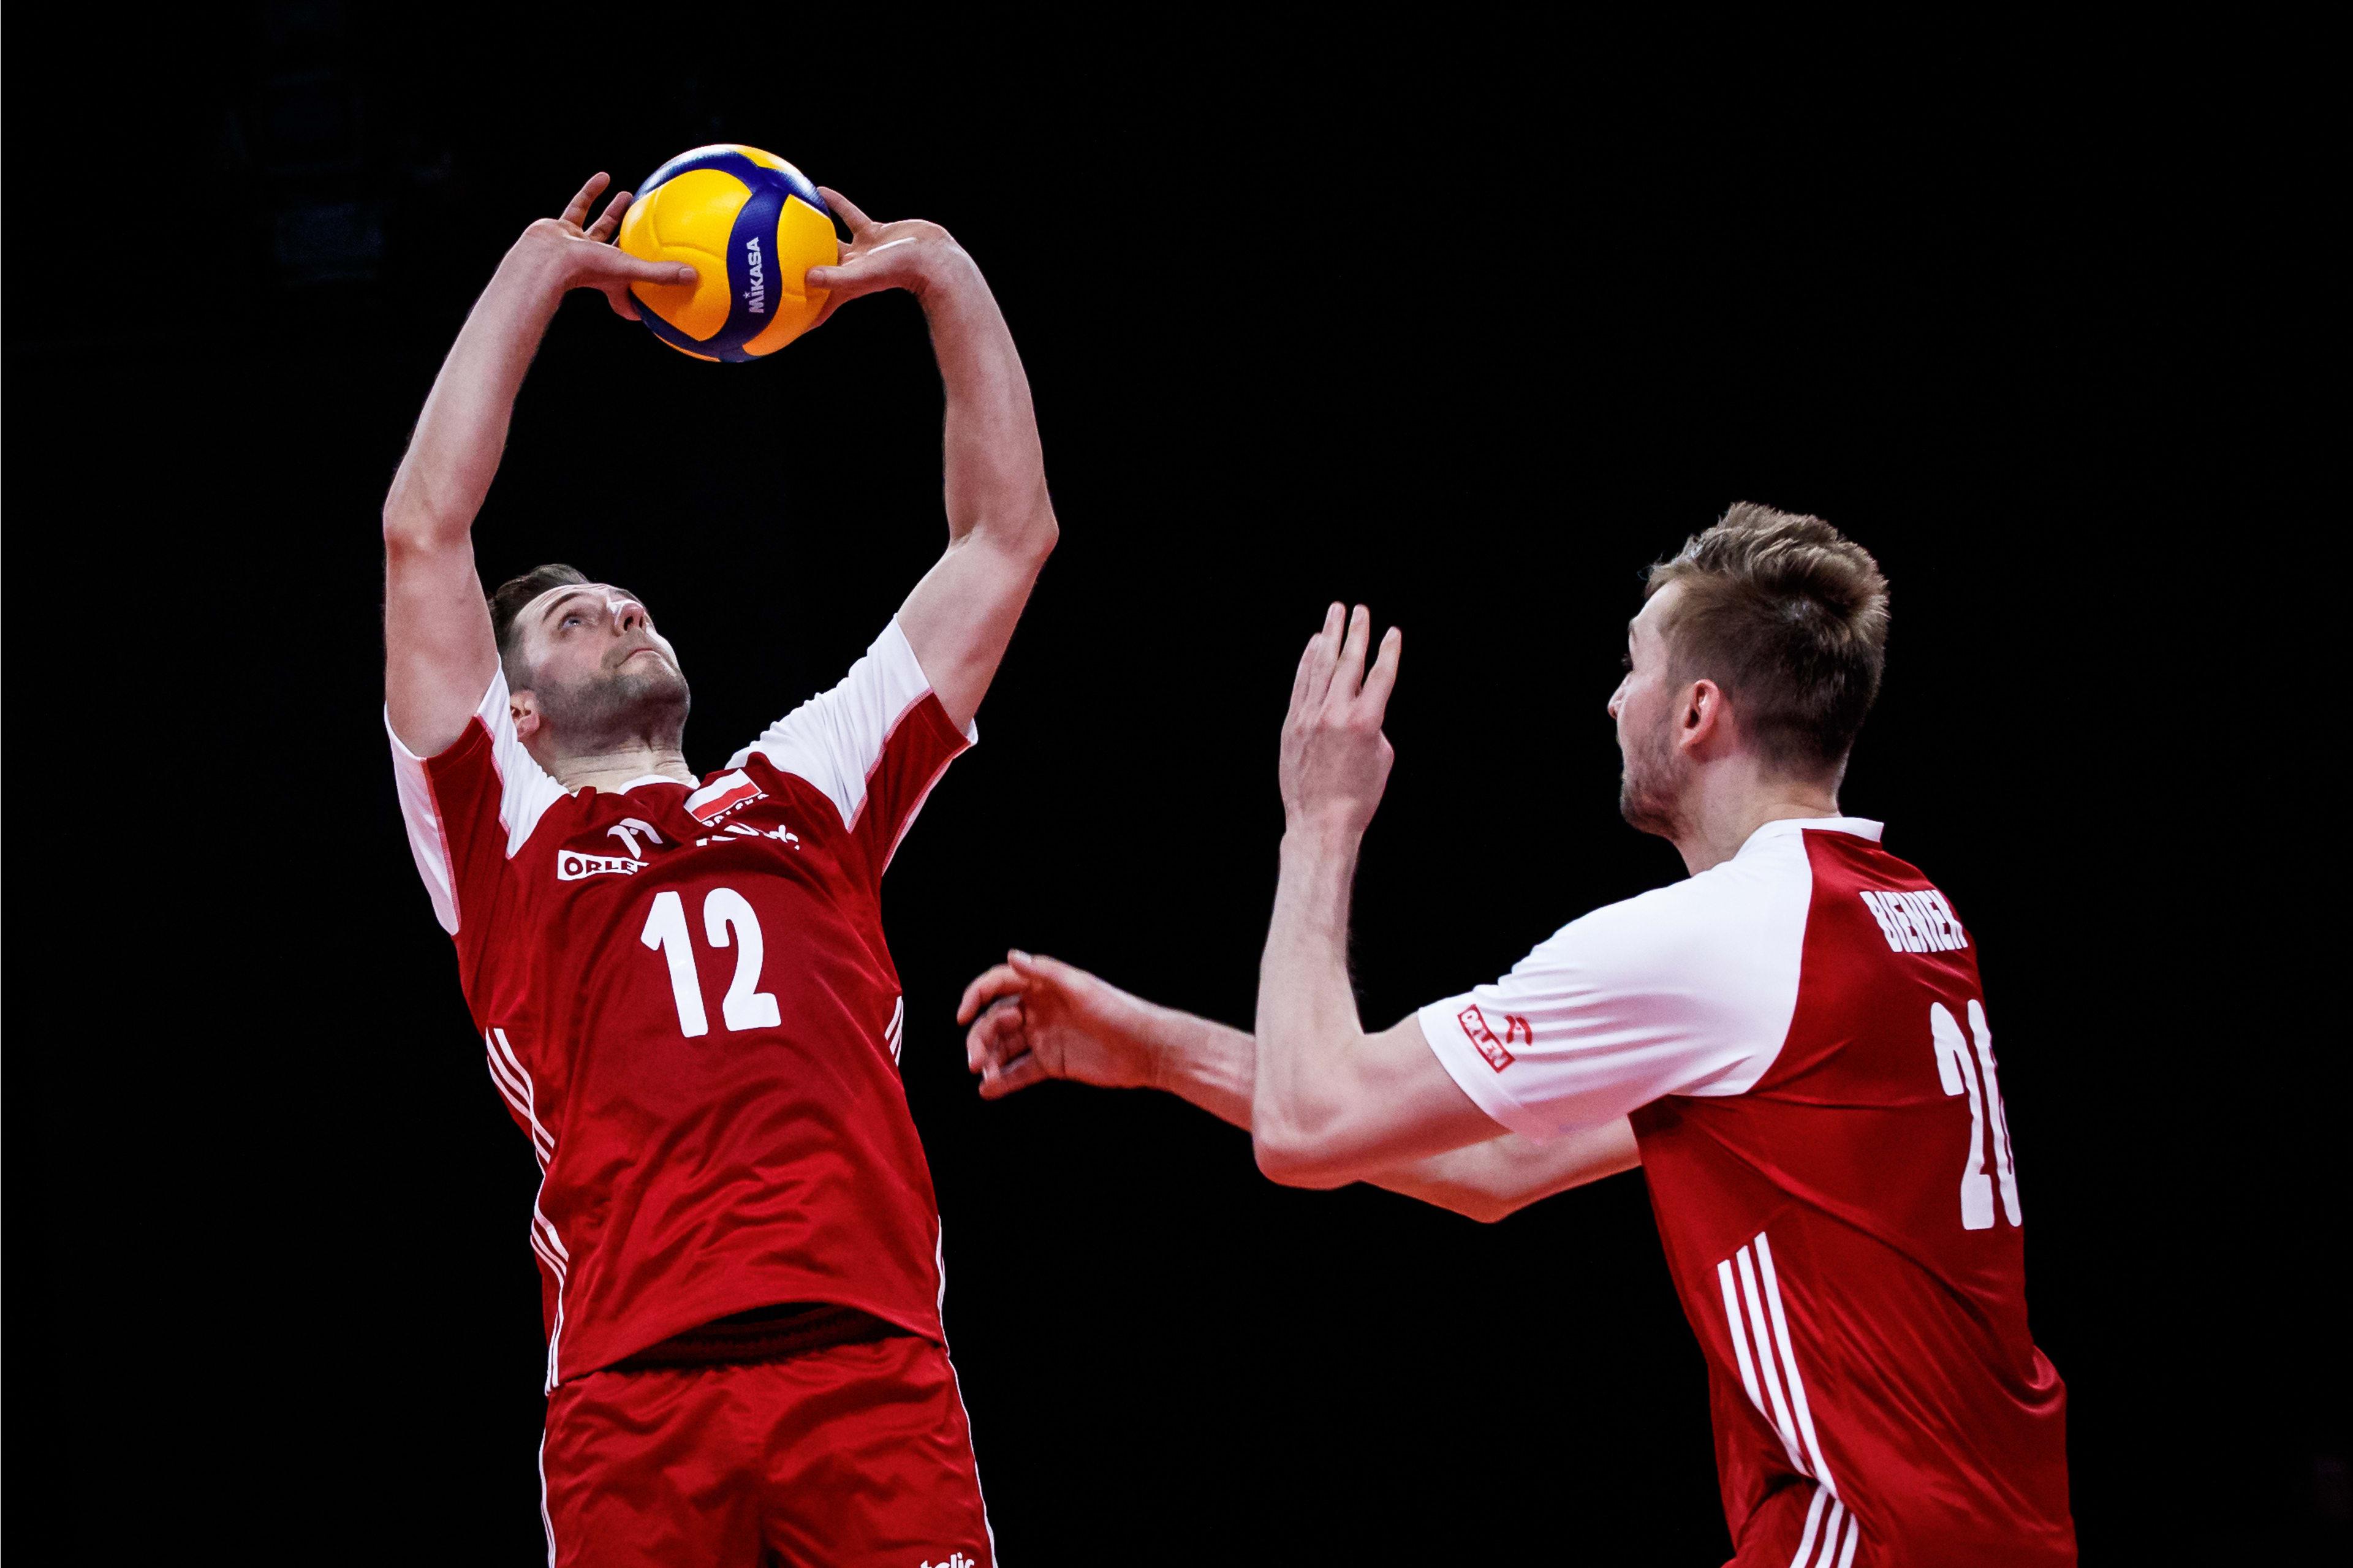 Siatkarze PGE Skry zagrają o medale Mistrzostw Europy 2021 - Zdjęcie główne